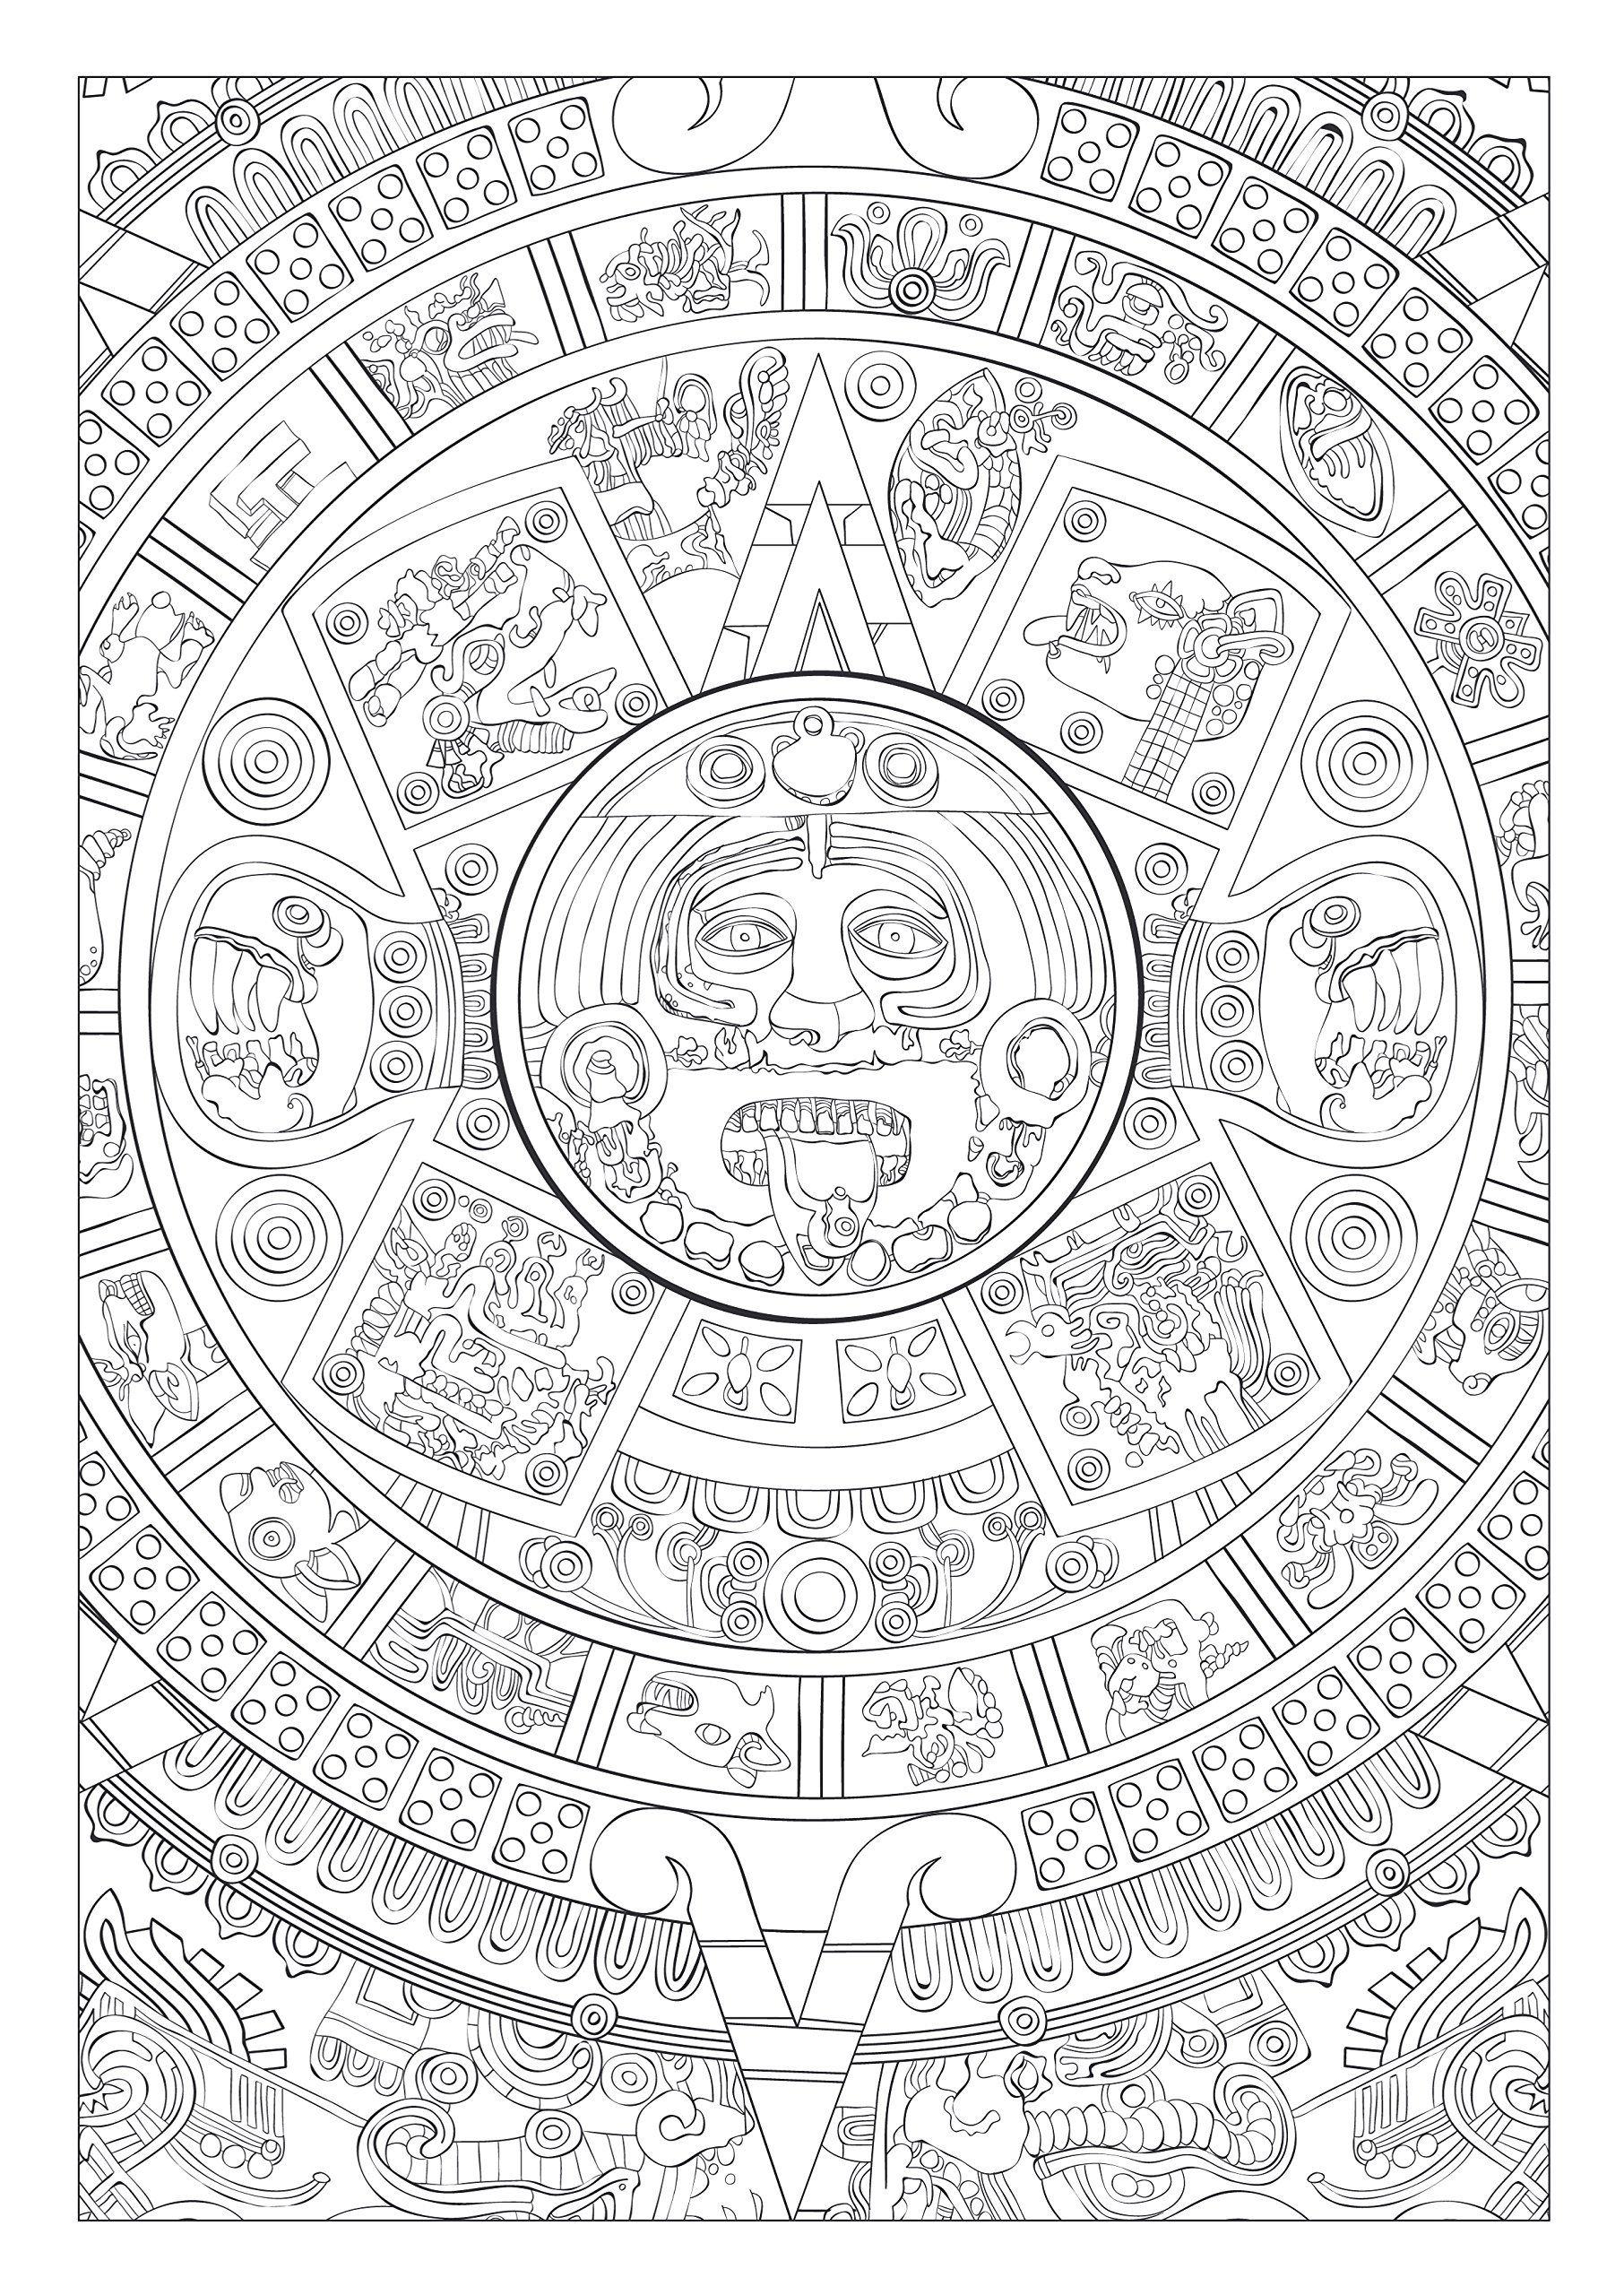 Art Therapie Mayas Et Aztèques 100 Coloriages Anti Stress concernant Coloriage Art Thérapie